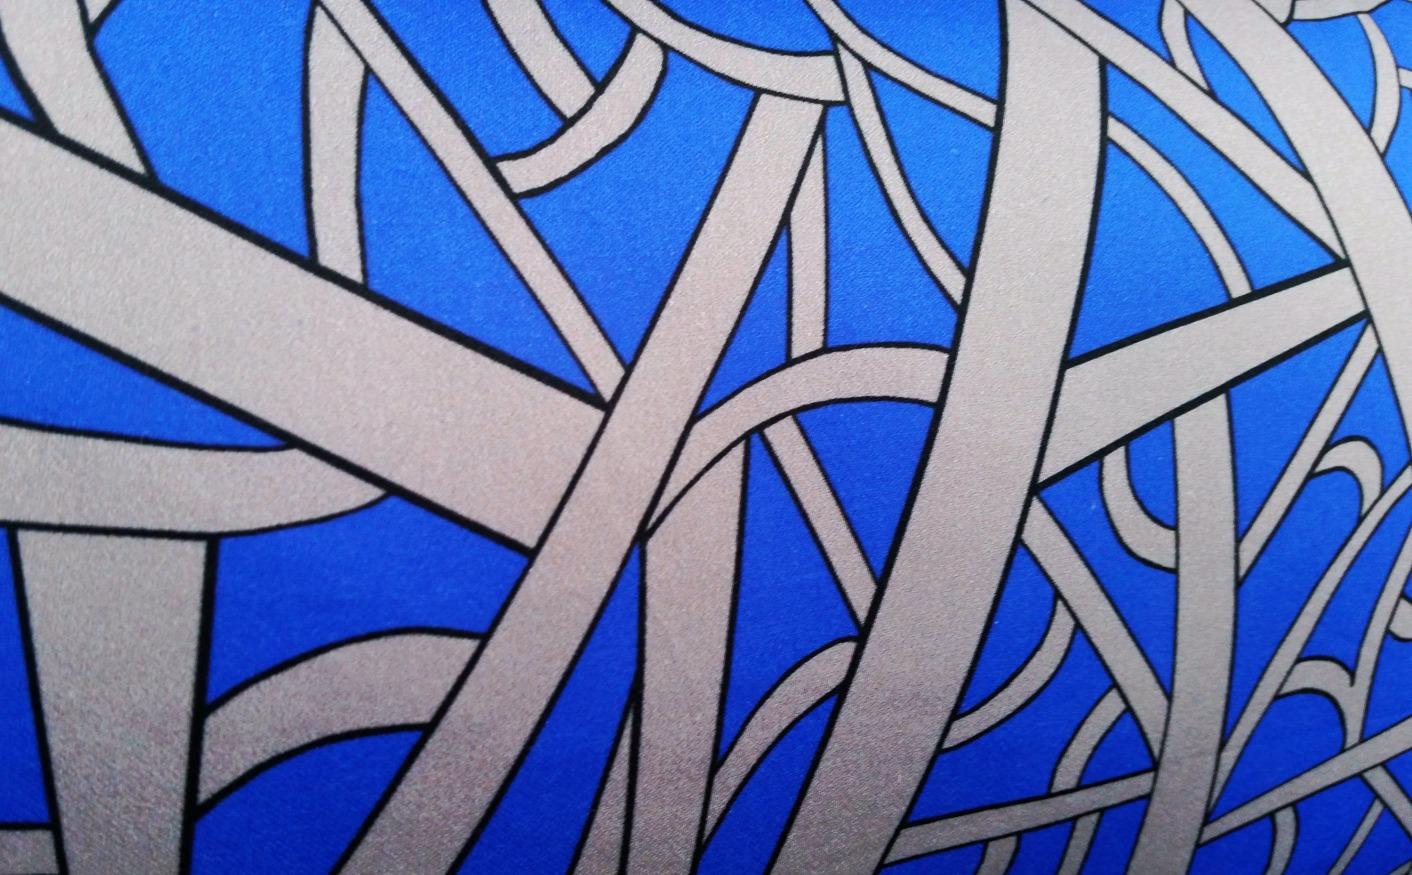 Blue Grey - CLASSY